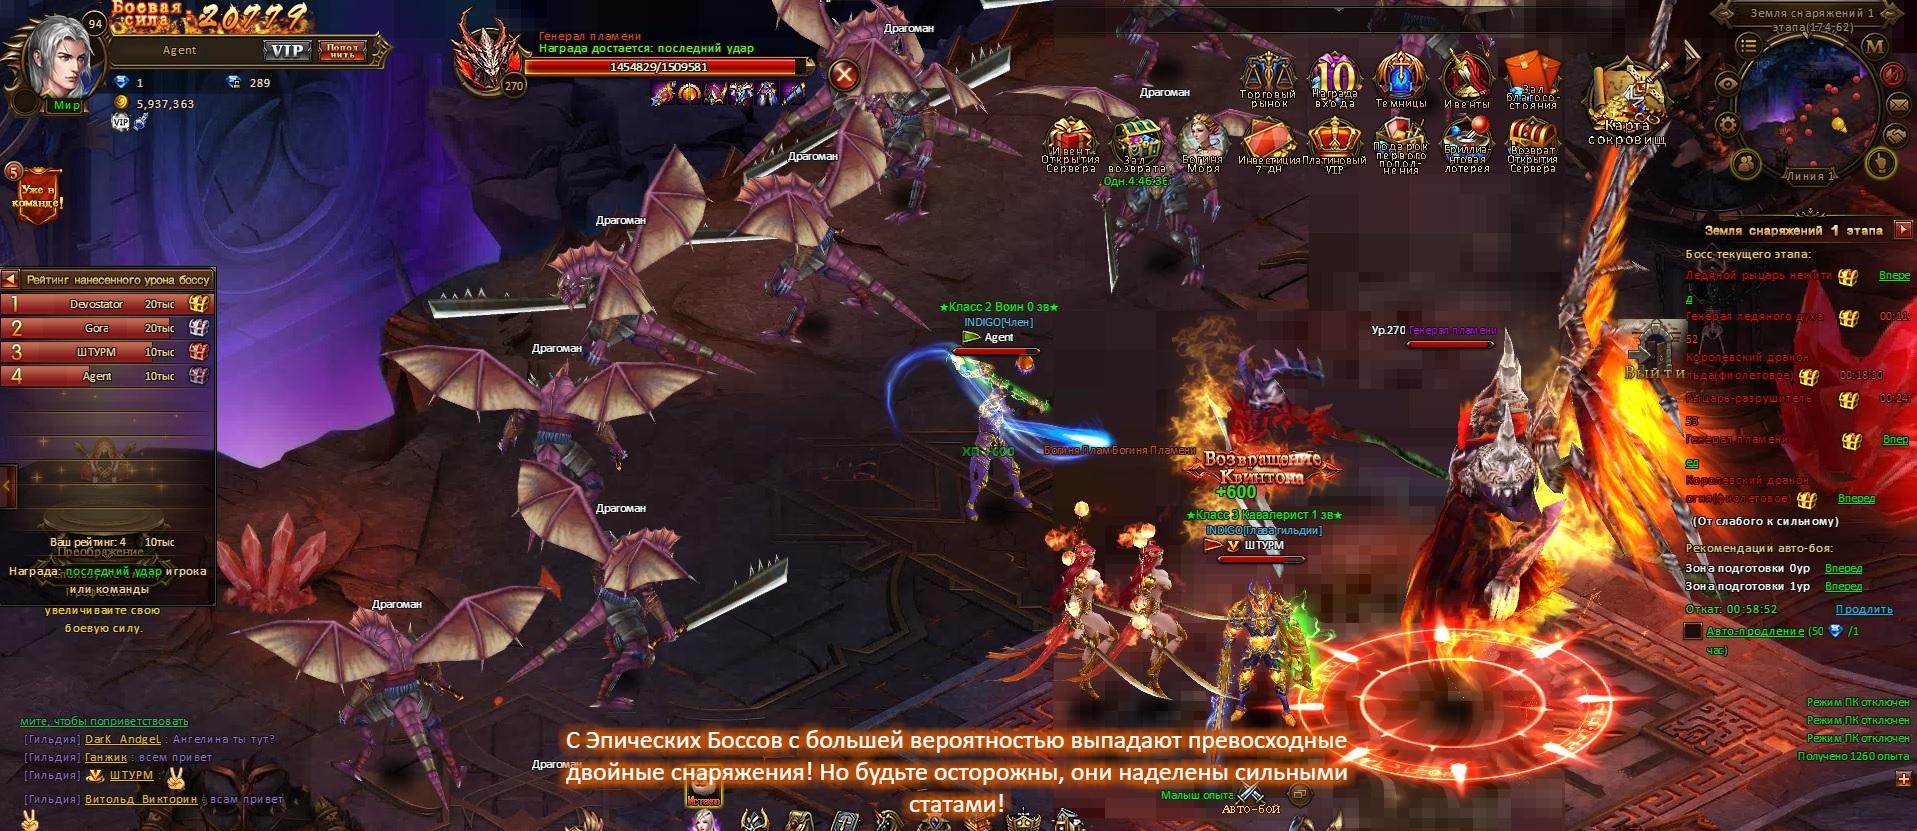 Ярость Квинтона - онлайн игра для любителей Дьябло, красивой 3D графики и захватывающих боев